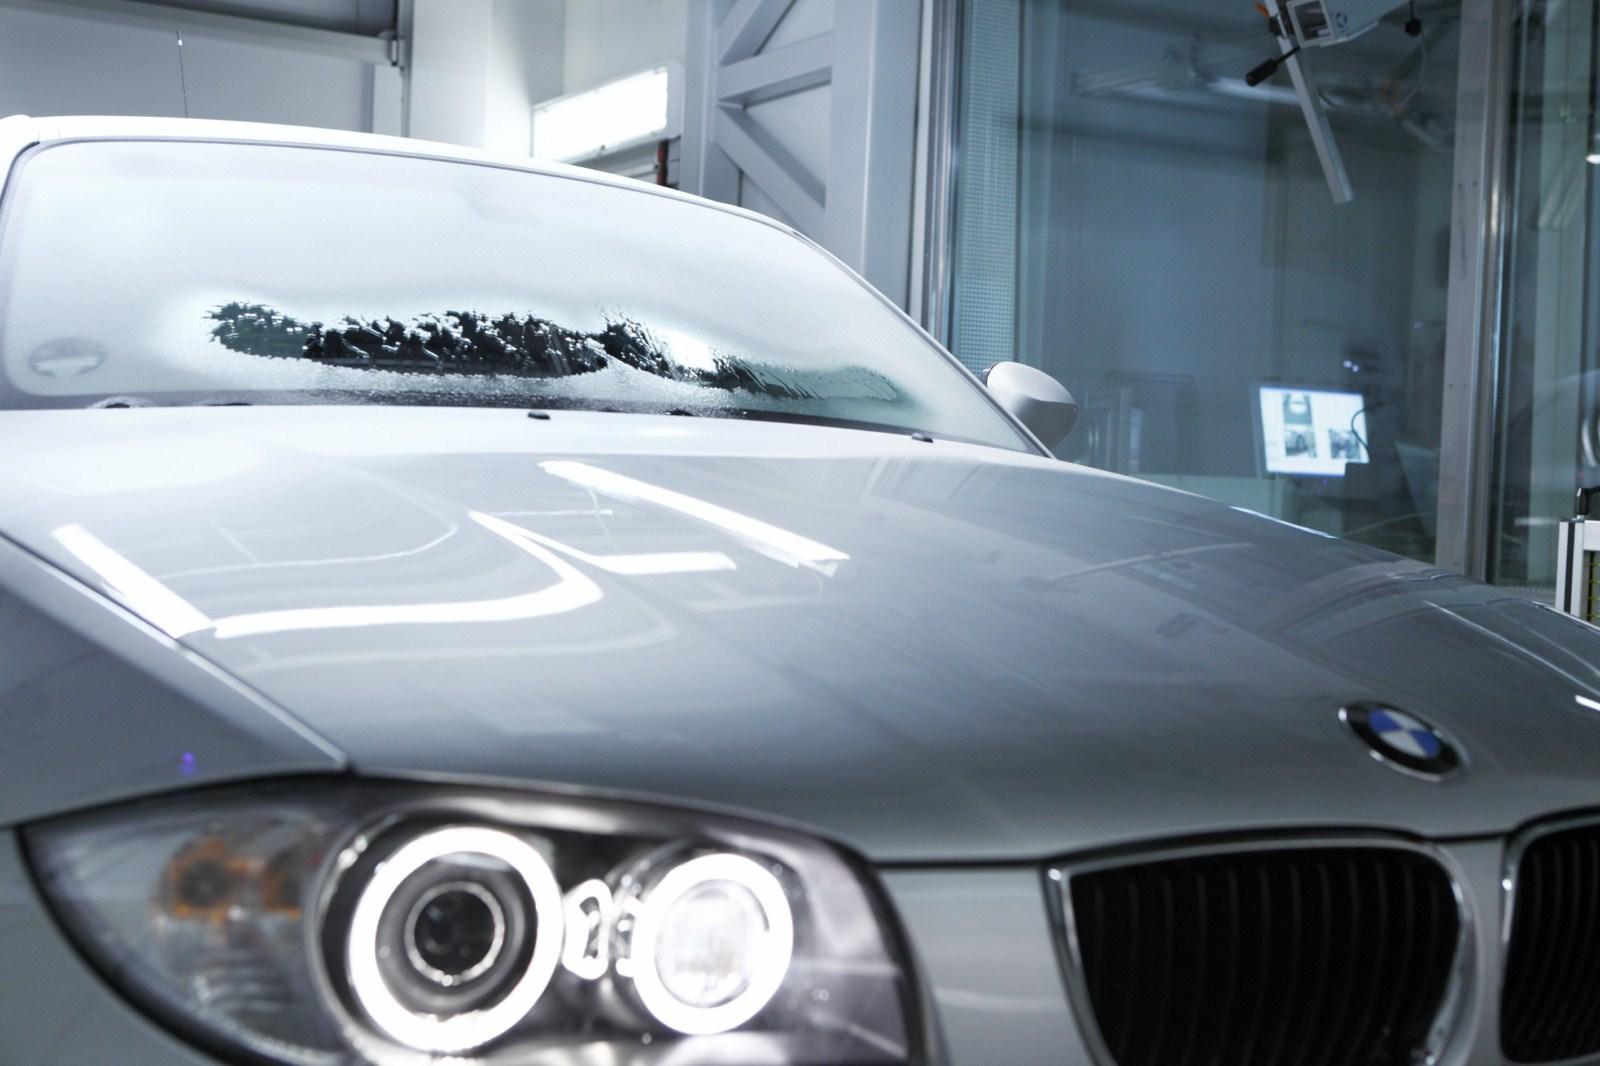 BMW 1er EVZ Kaeltepruefstand 03